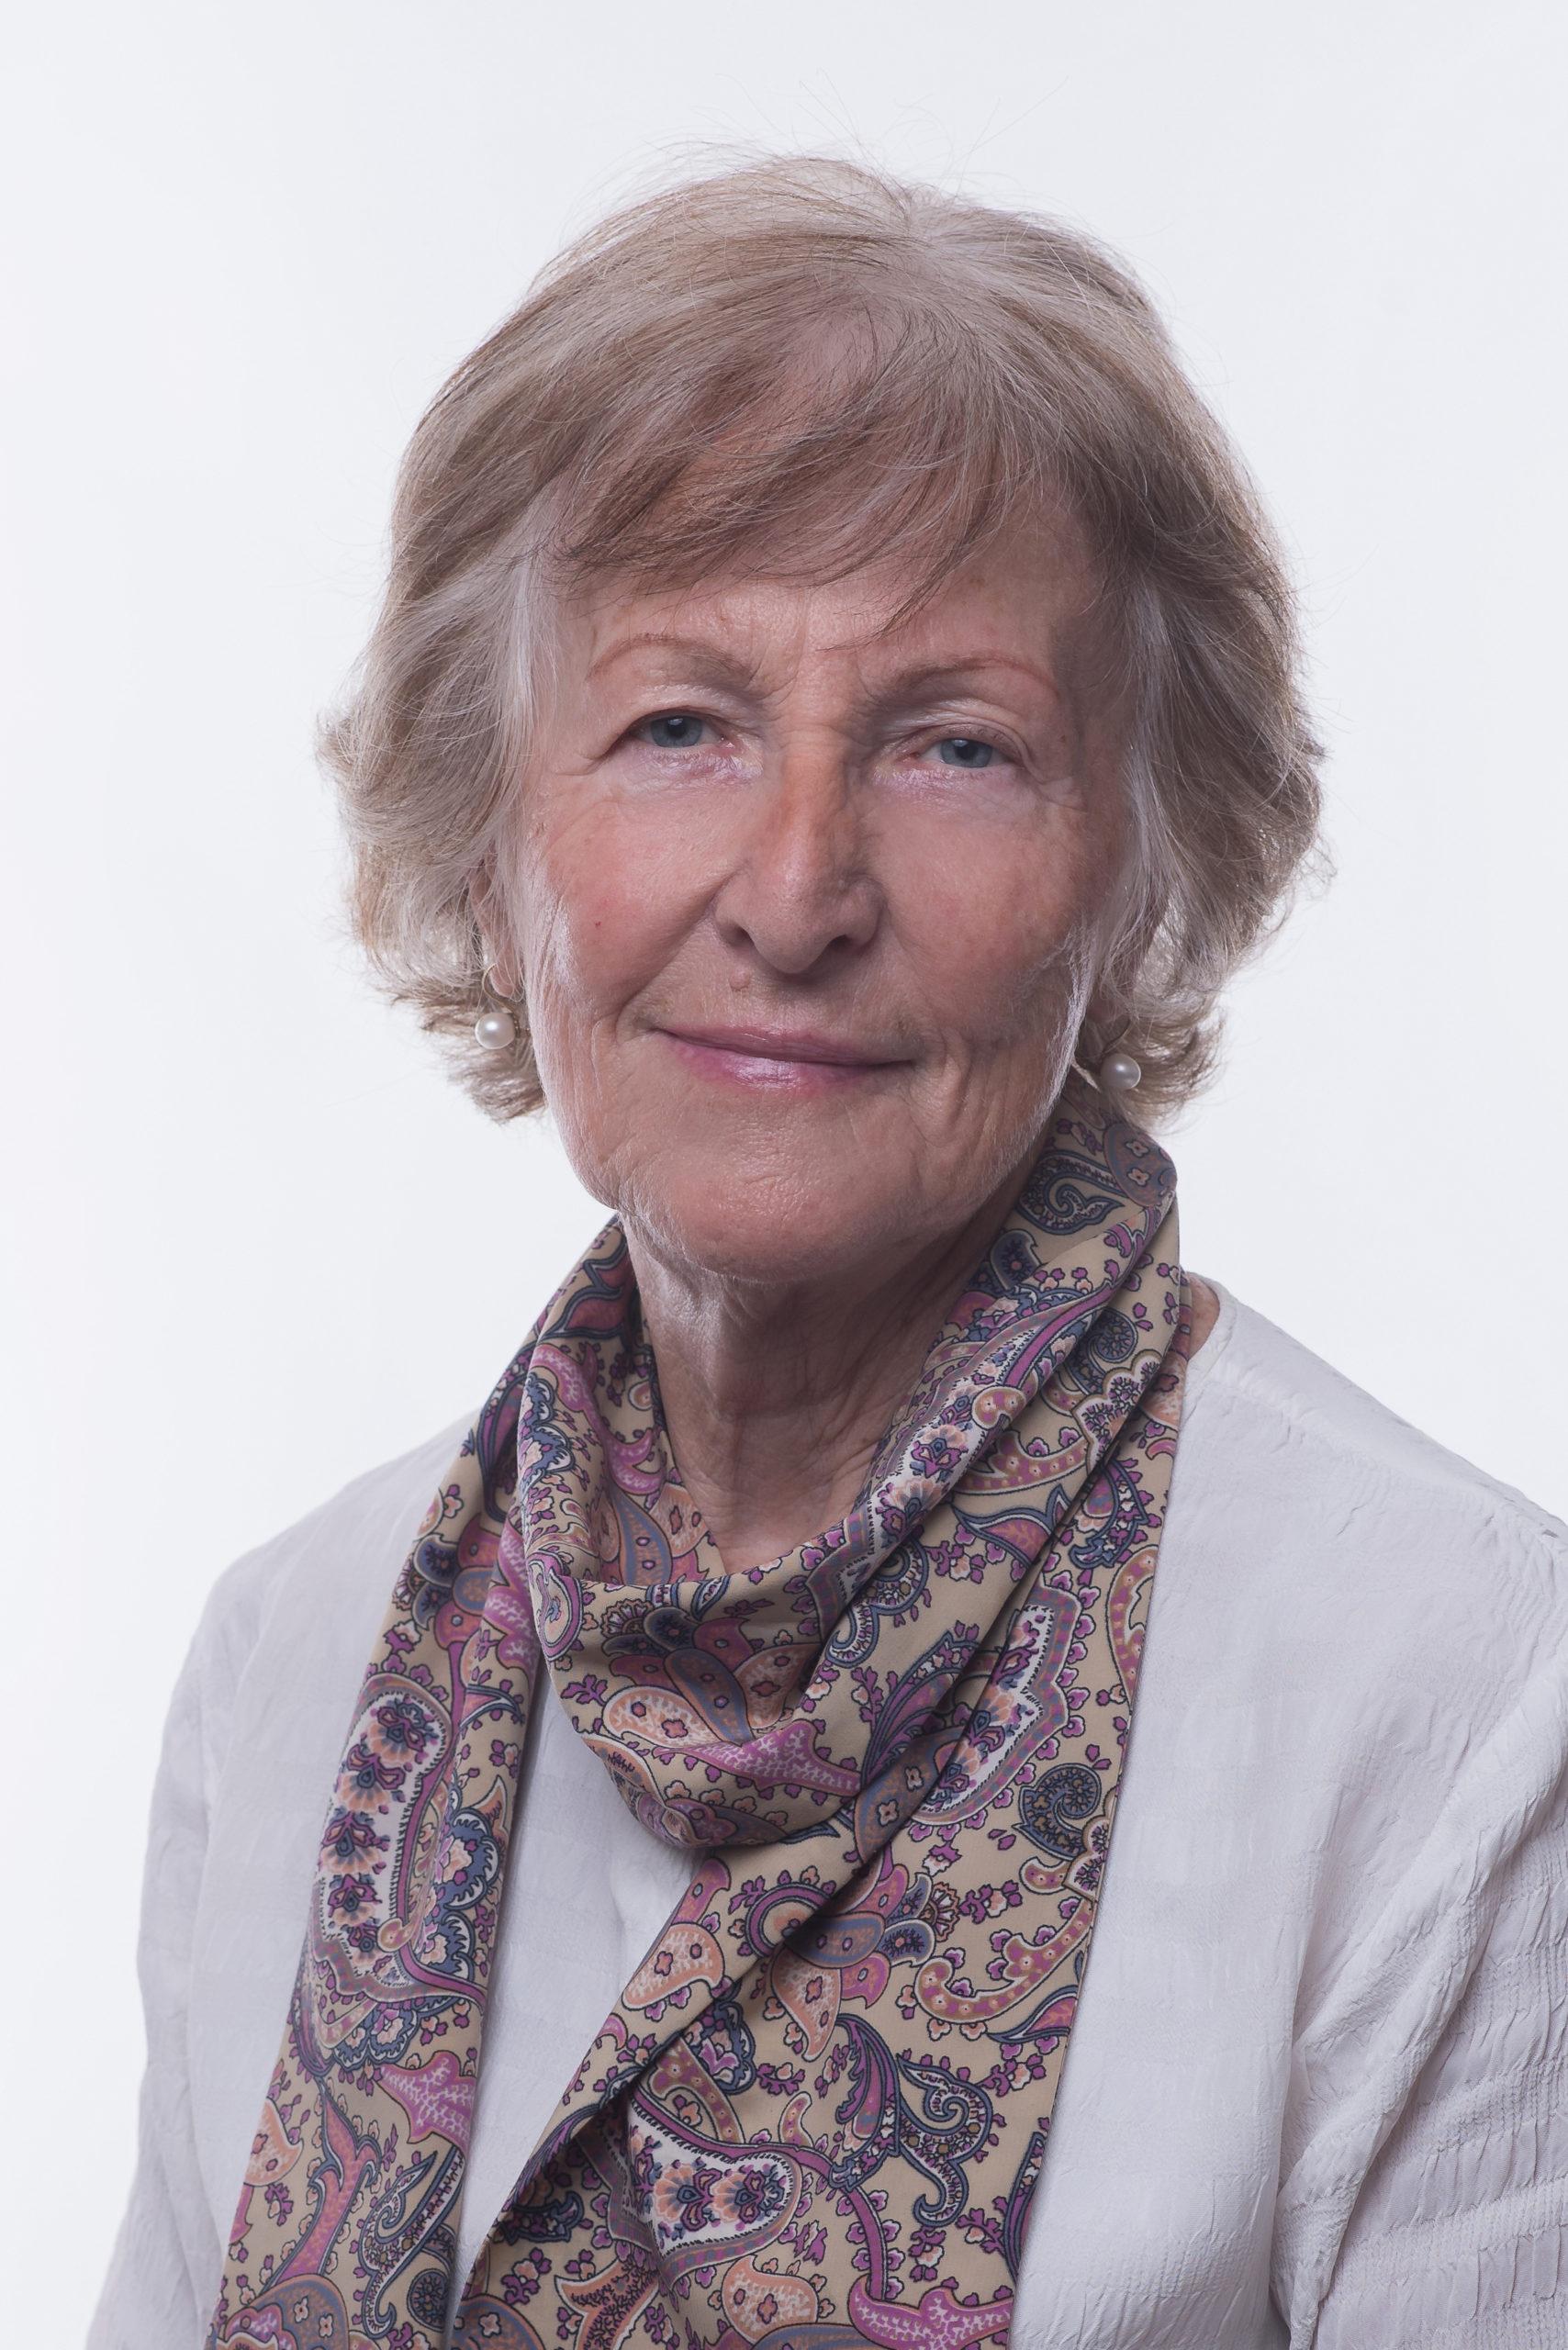 Dne 21. listopadu 2019 udělilo Zastupitelstvo města Pardubice ocenění Medailí města Pardubic paní Ing. Haně Demlové za její dlouhodoběvýznamnýpřínosproměstoPardubice. V následujících řádcích Vám přiblížíme kariéru paní Hany Demlové v Pardubicích. Počátky kariéry Její…